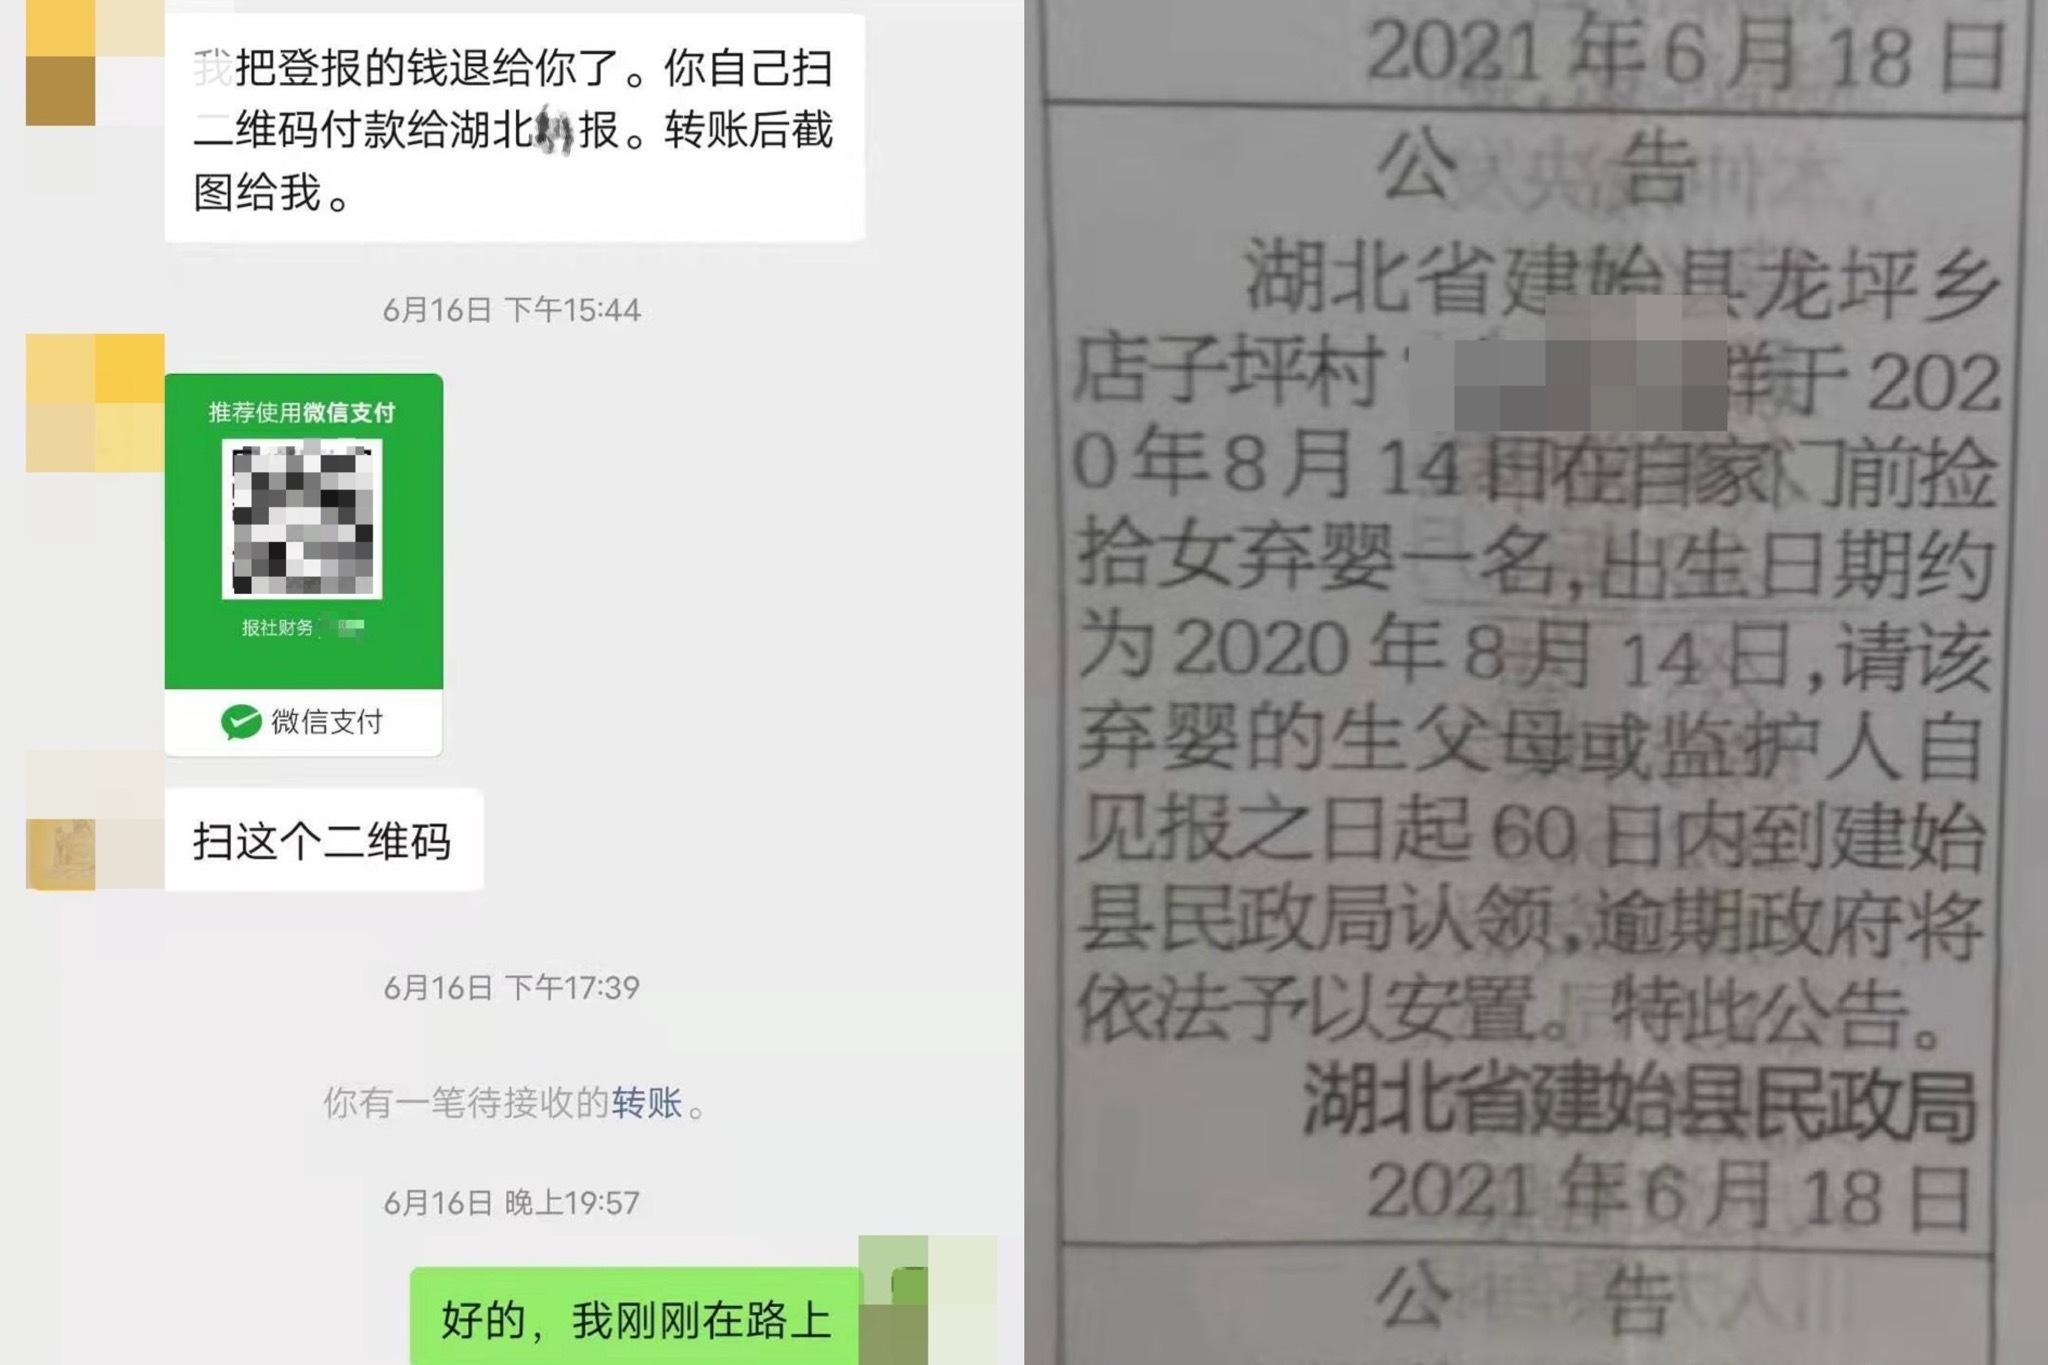 章兴提供的登报公示转账记录及湖北媒体于2021年6月18日刊登的公示